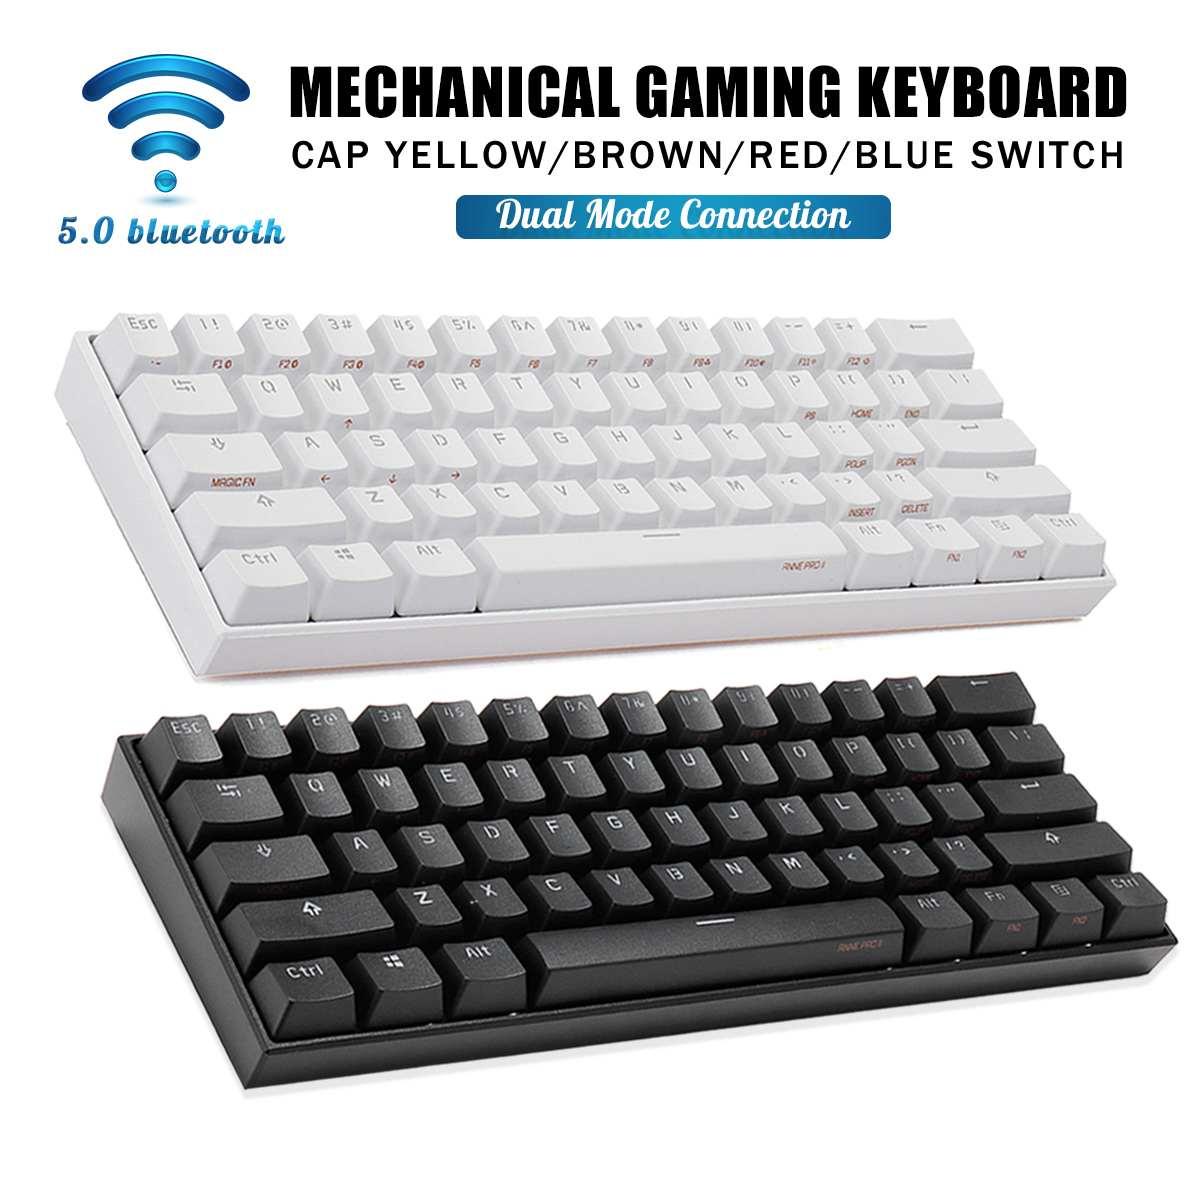 Anne Pro 2 NKRO Mini Mechanical Keyboard bluetooth 5.0 Type-C RGB 60% Gateron Kailh Red Brown Yellow Switch Gaming Keyboard enlarge